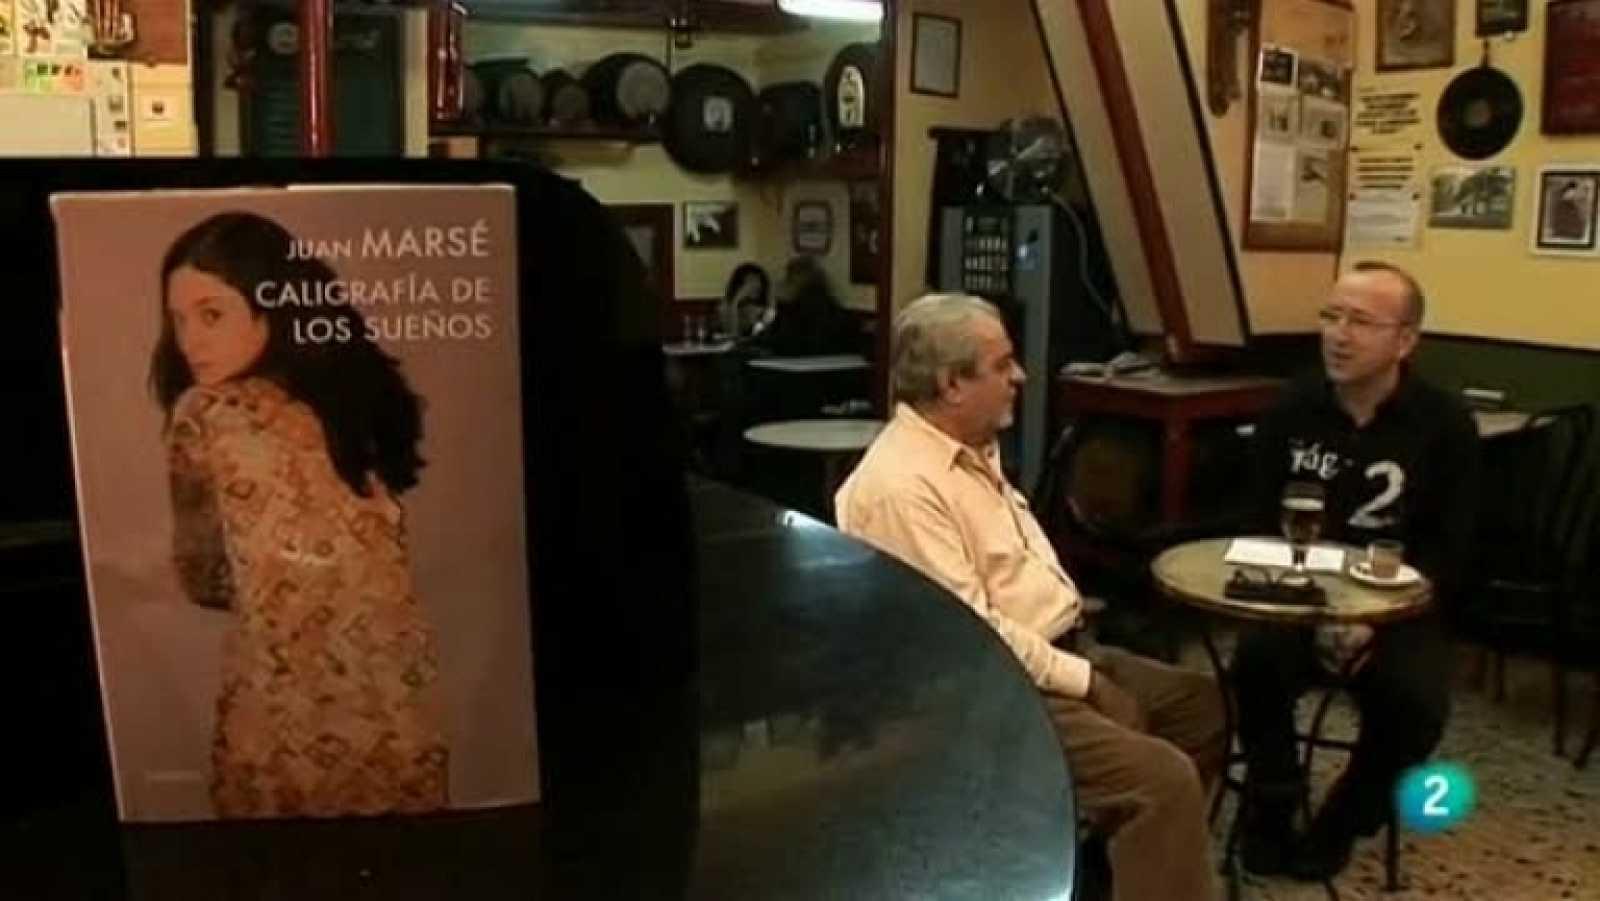 Página 2 - Juan Marsé 20/11/2011